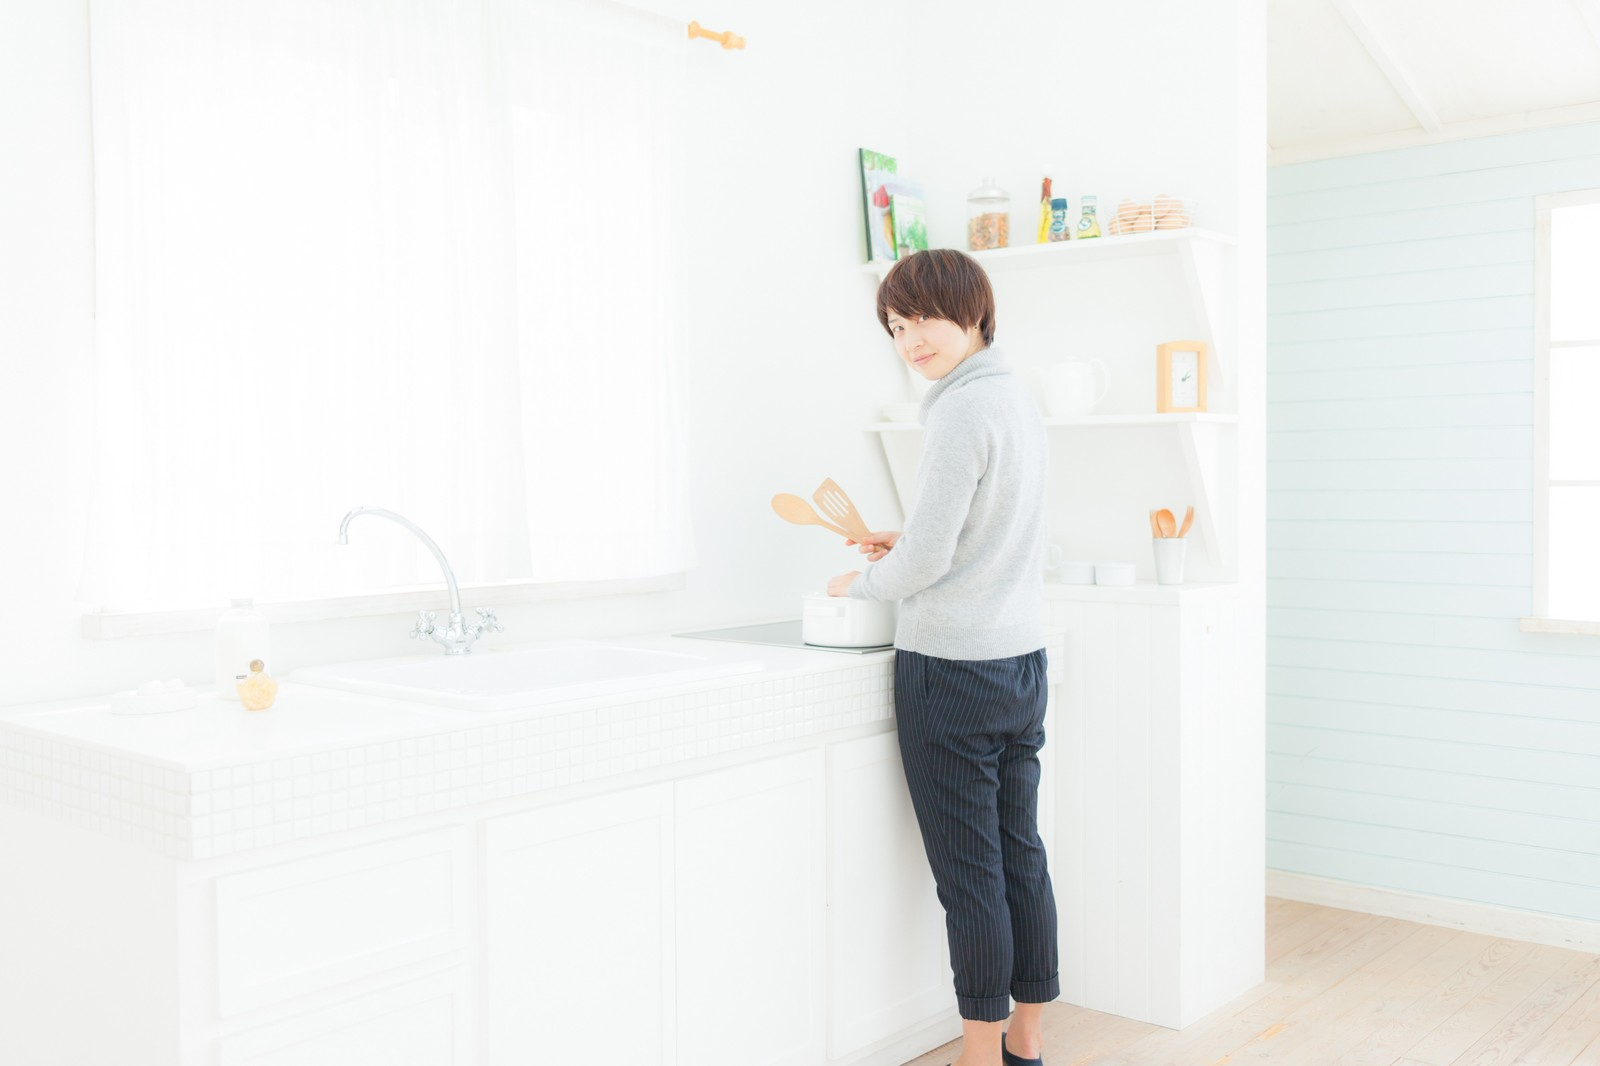 「キッチンで料理をしている若妻キッチンで料理をしている若妻」[モデル:八木彩香]のフリー写真素材を拡大